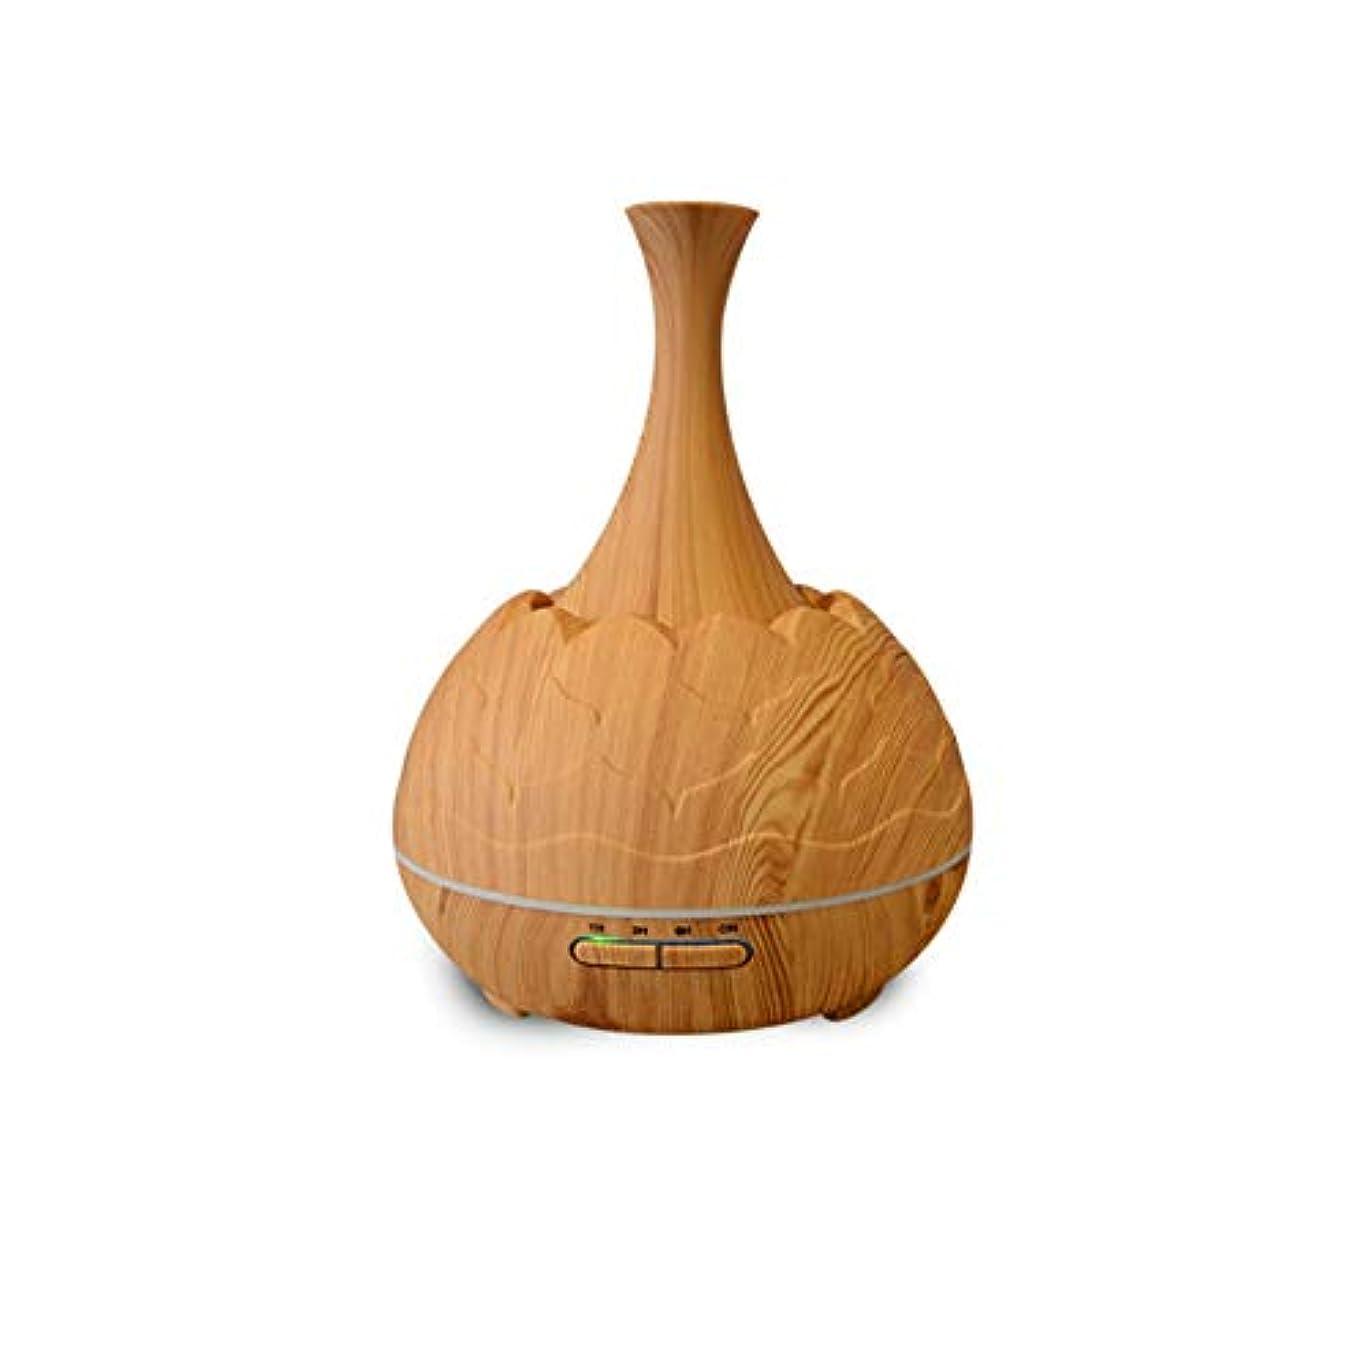 料理まっすぐにする動機付ける木目 霧 香り 精油 ディフューザー,7 色 空気を浄化 加湿器 時間 手動 Wifiアプリコントロール 加湿機 ホーム Yoga- 400ml